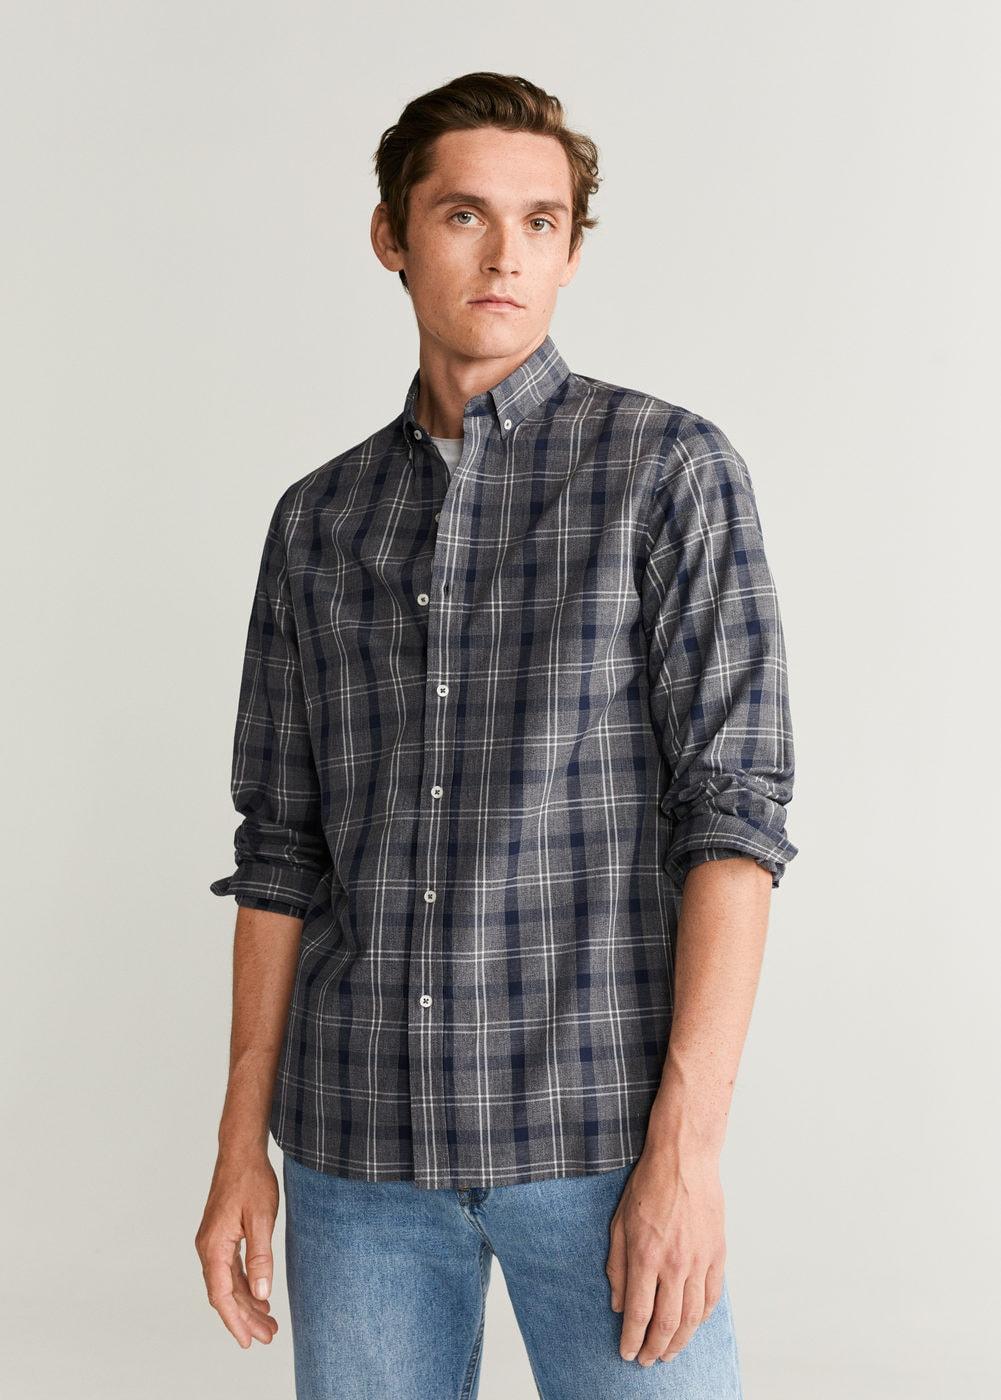 Camisa de hombre, slim fit algodón cuadros